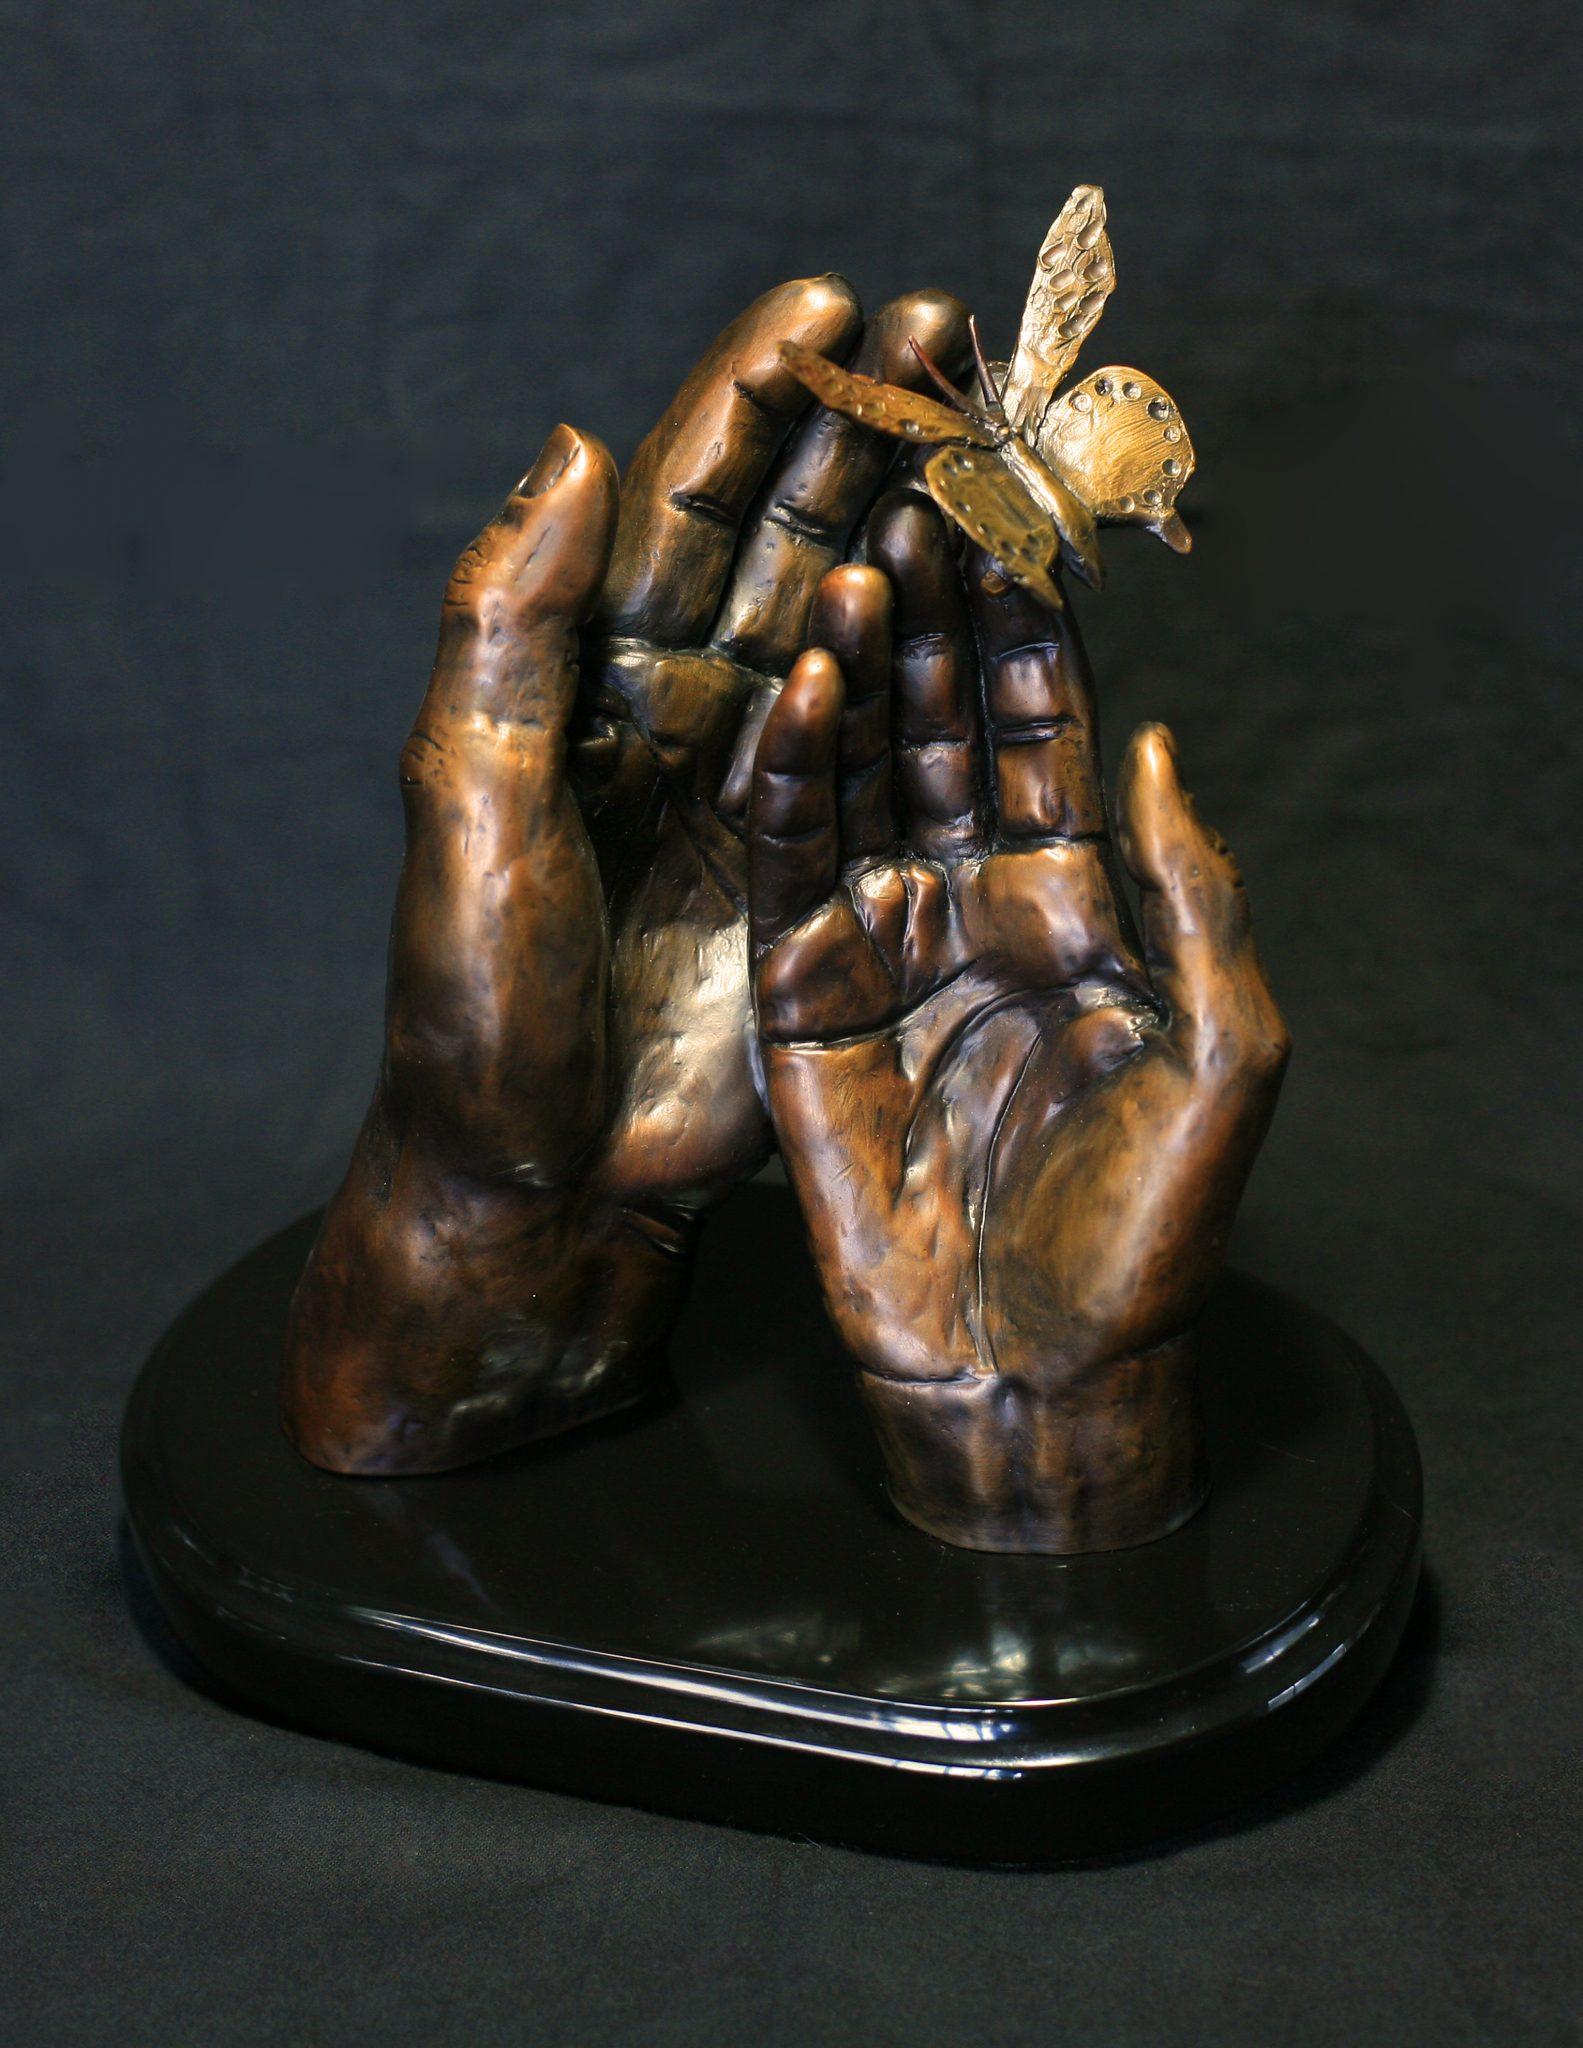 An Award Bronze